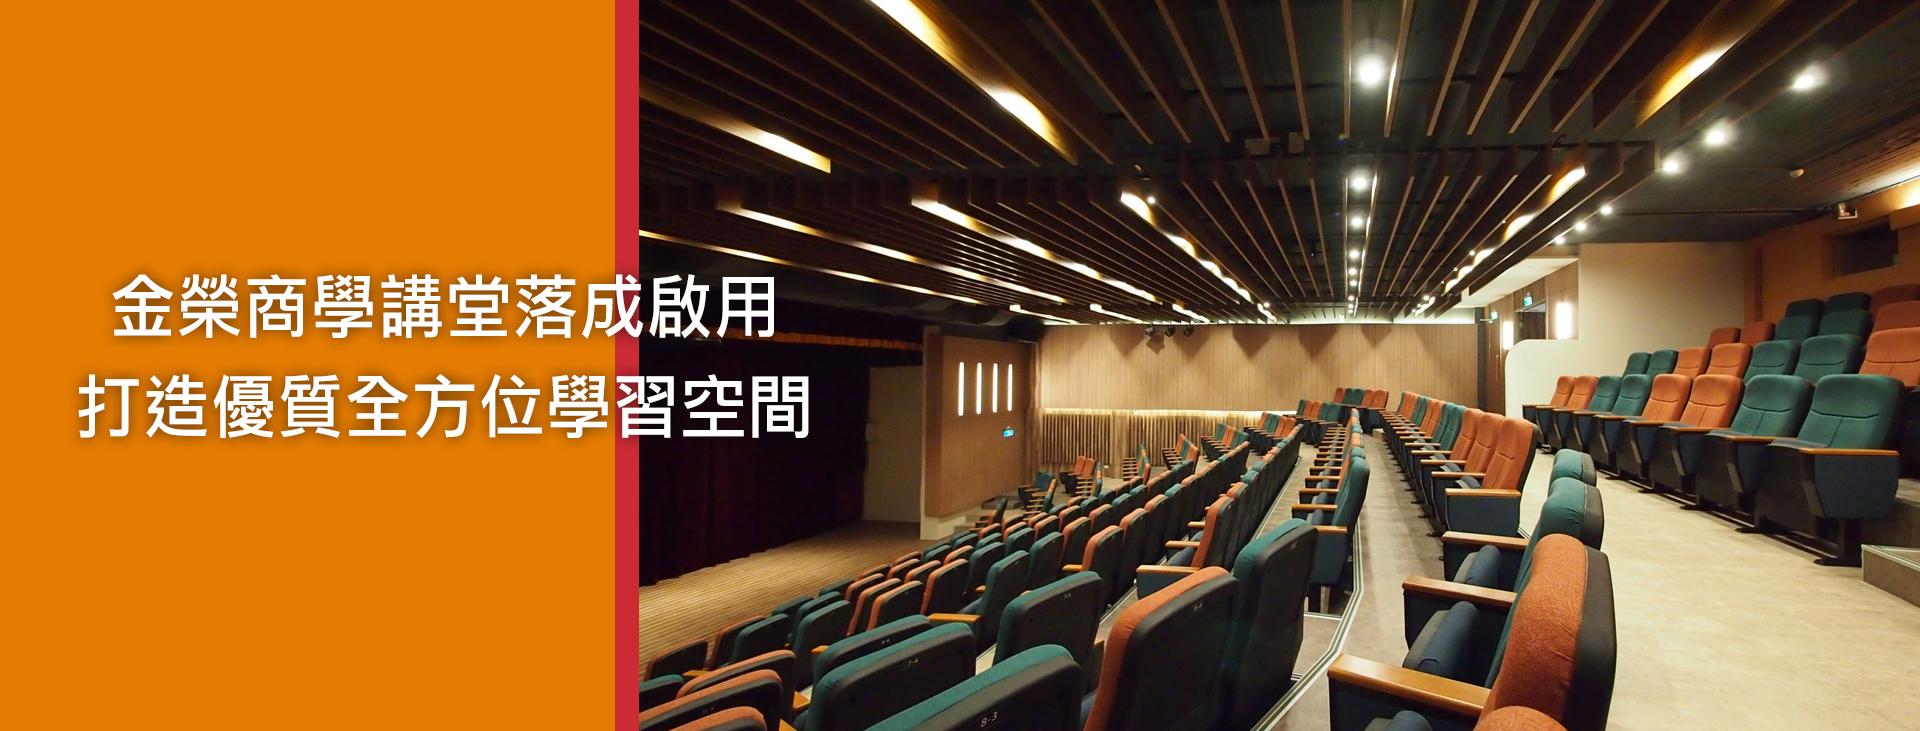 金榮商學講堂落成啟用 打造優質全方位學習空間